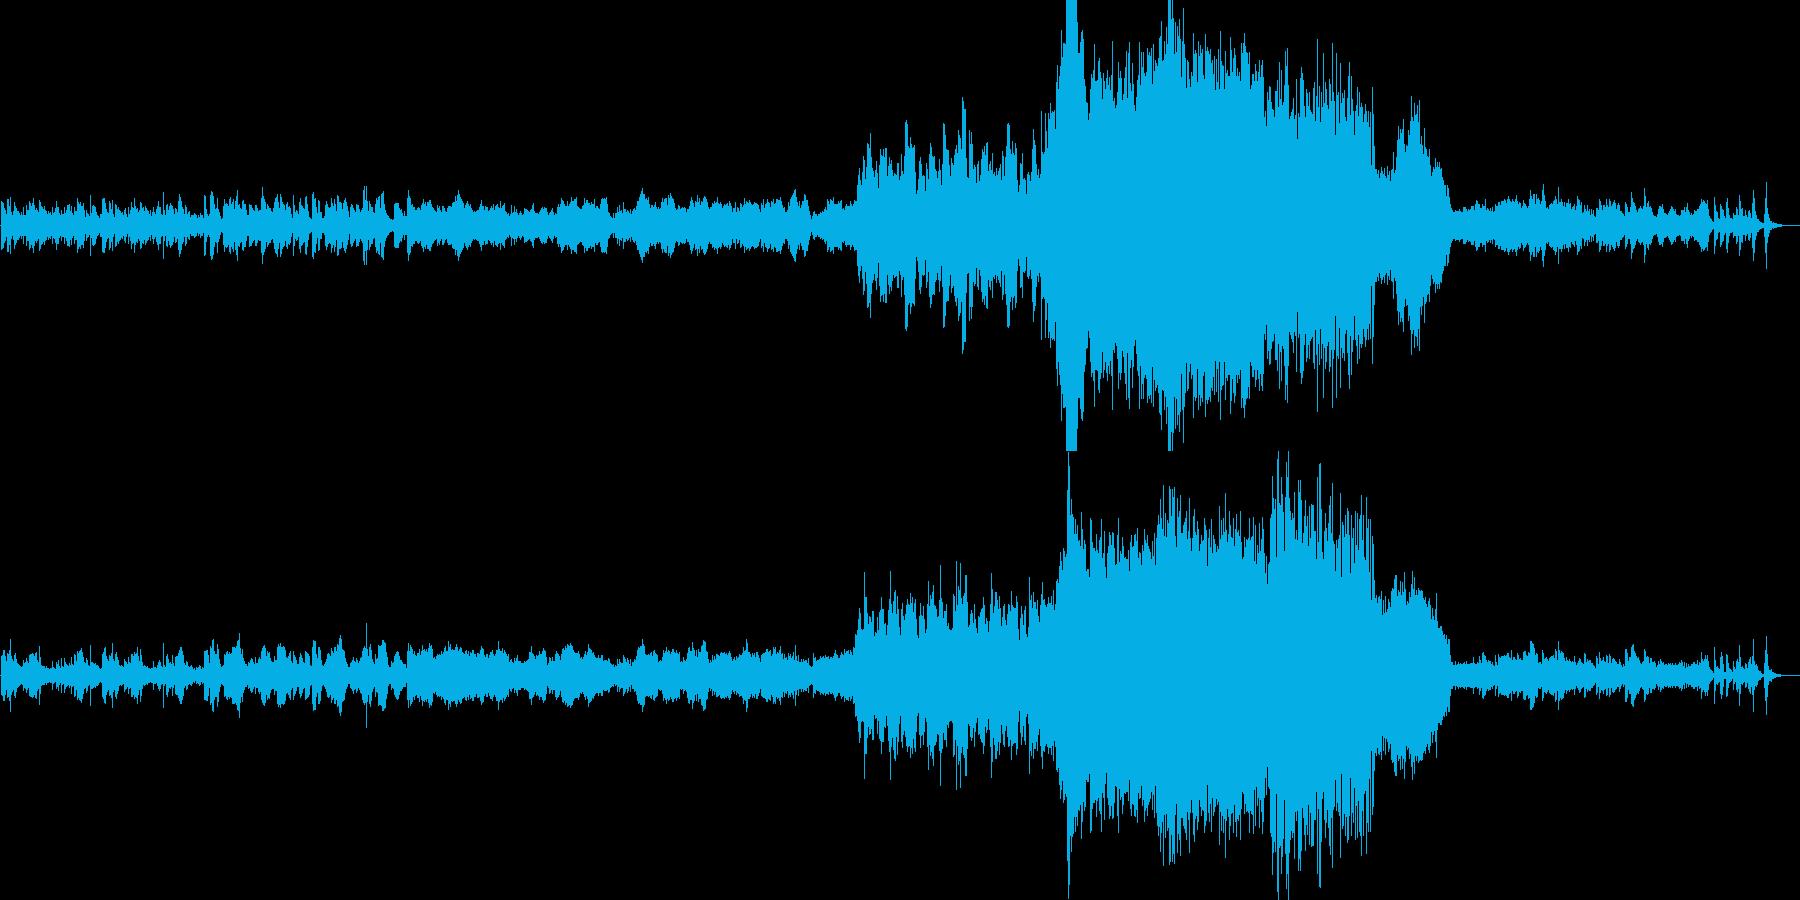 オルゴールを主体とした管弦楽の再生済みの波形